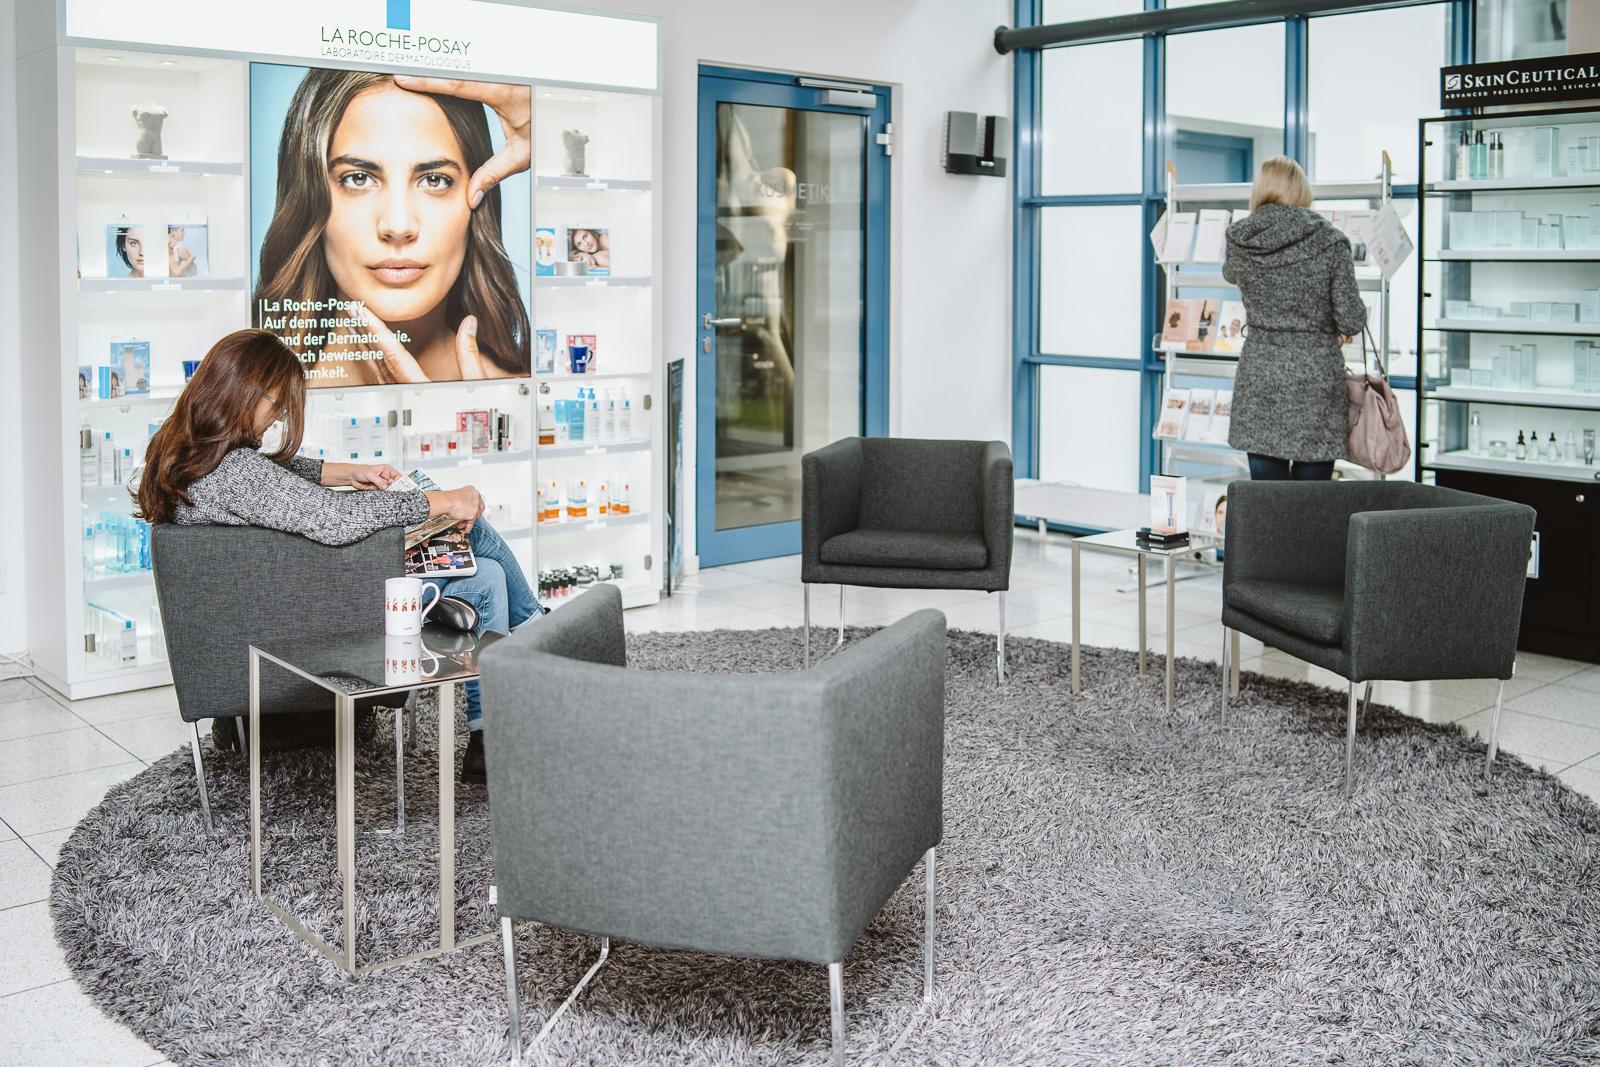 Fotograf Bonn - Bernadett Yehdou - private Klinik für Dermatologie und ästhetische Chirurgie